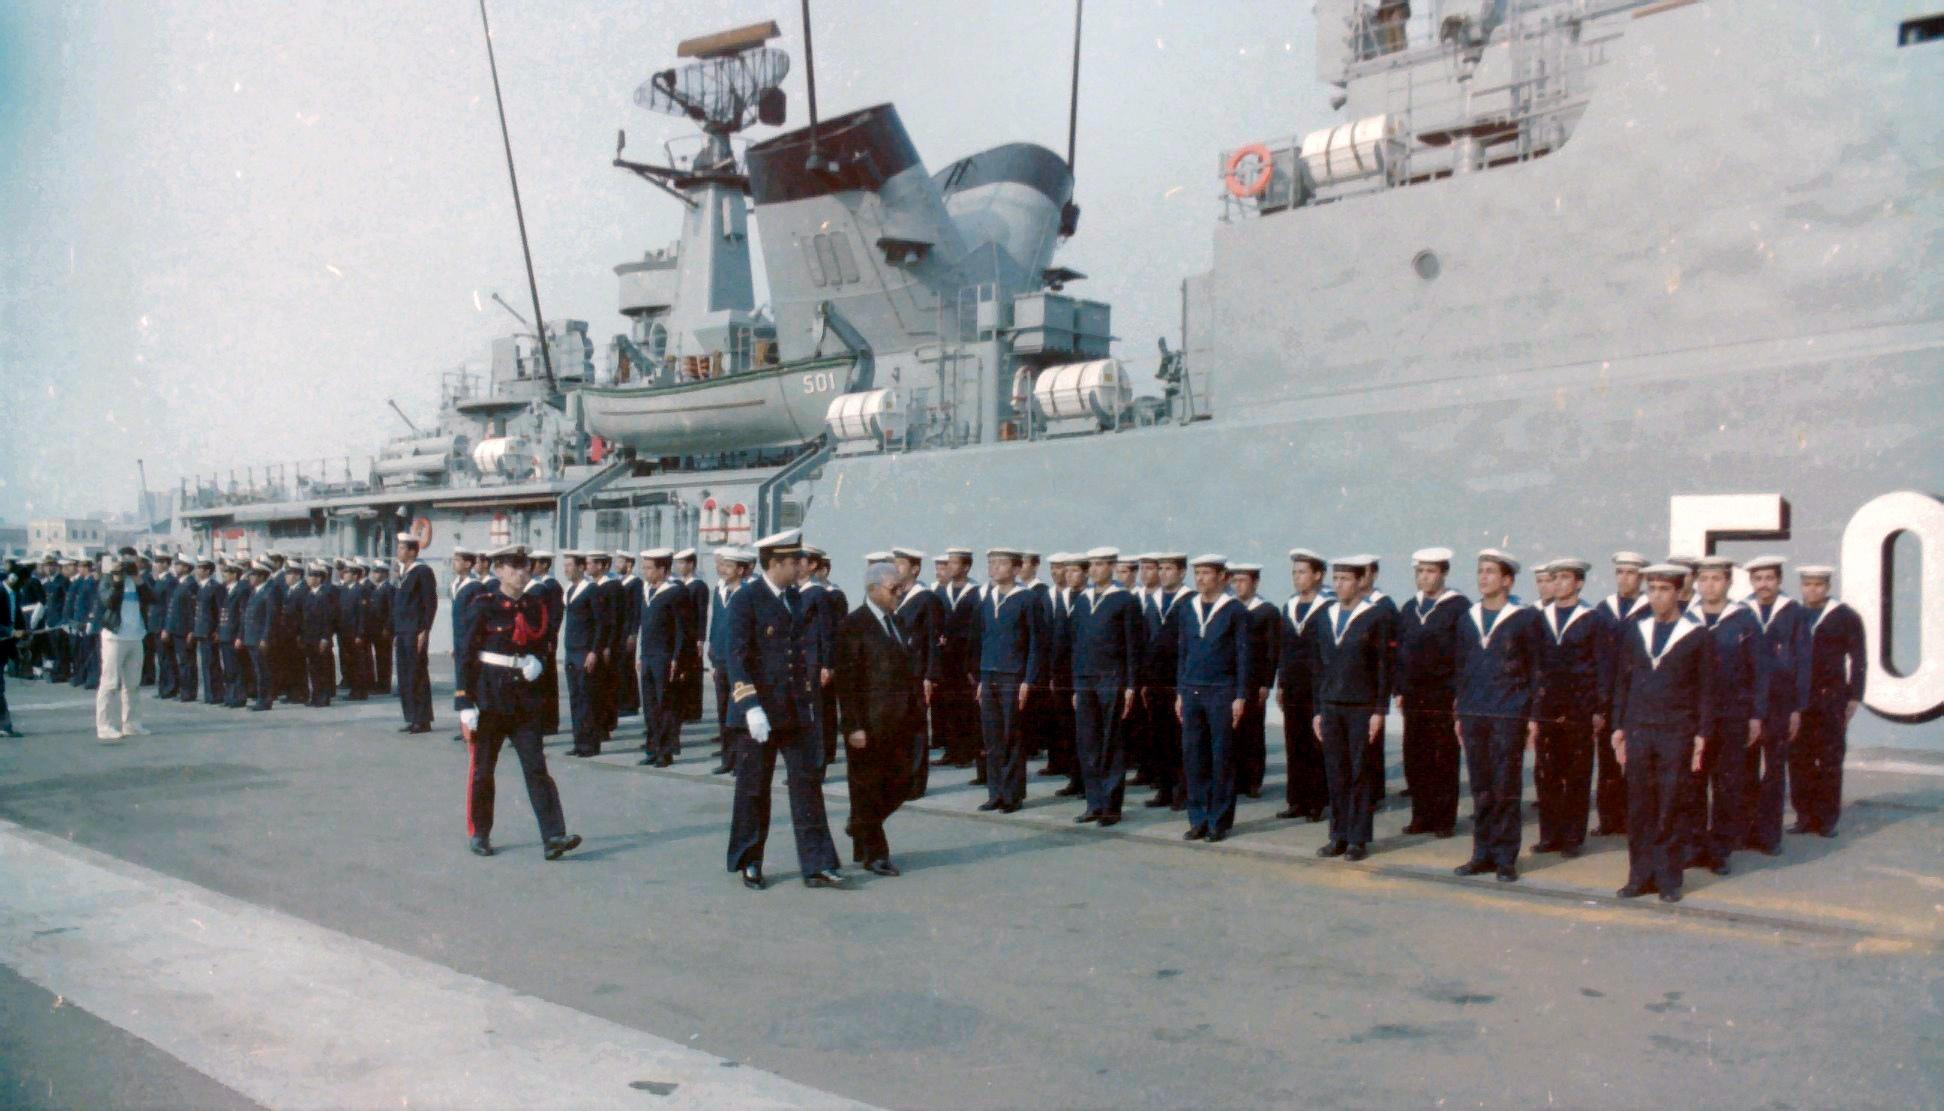 Royal Moroccan Navy Descubierta Frigate / Corvette Lt Cl Errahmani - Bâtiment École - Page 4 Clipb529